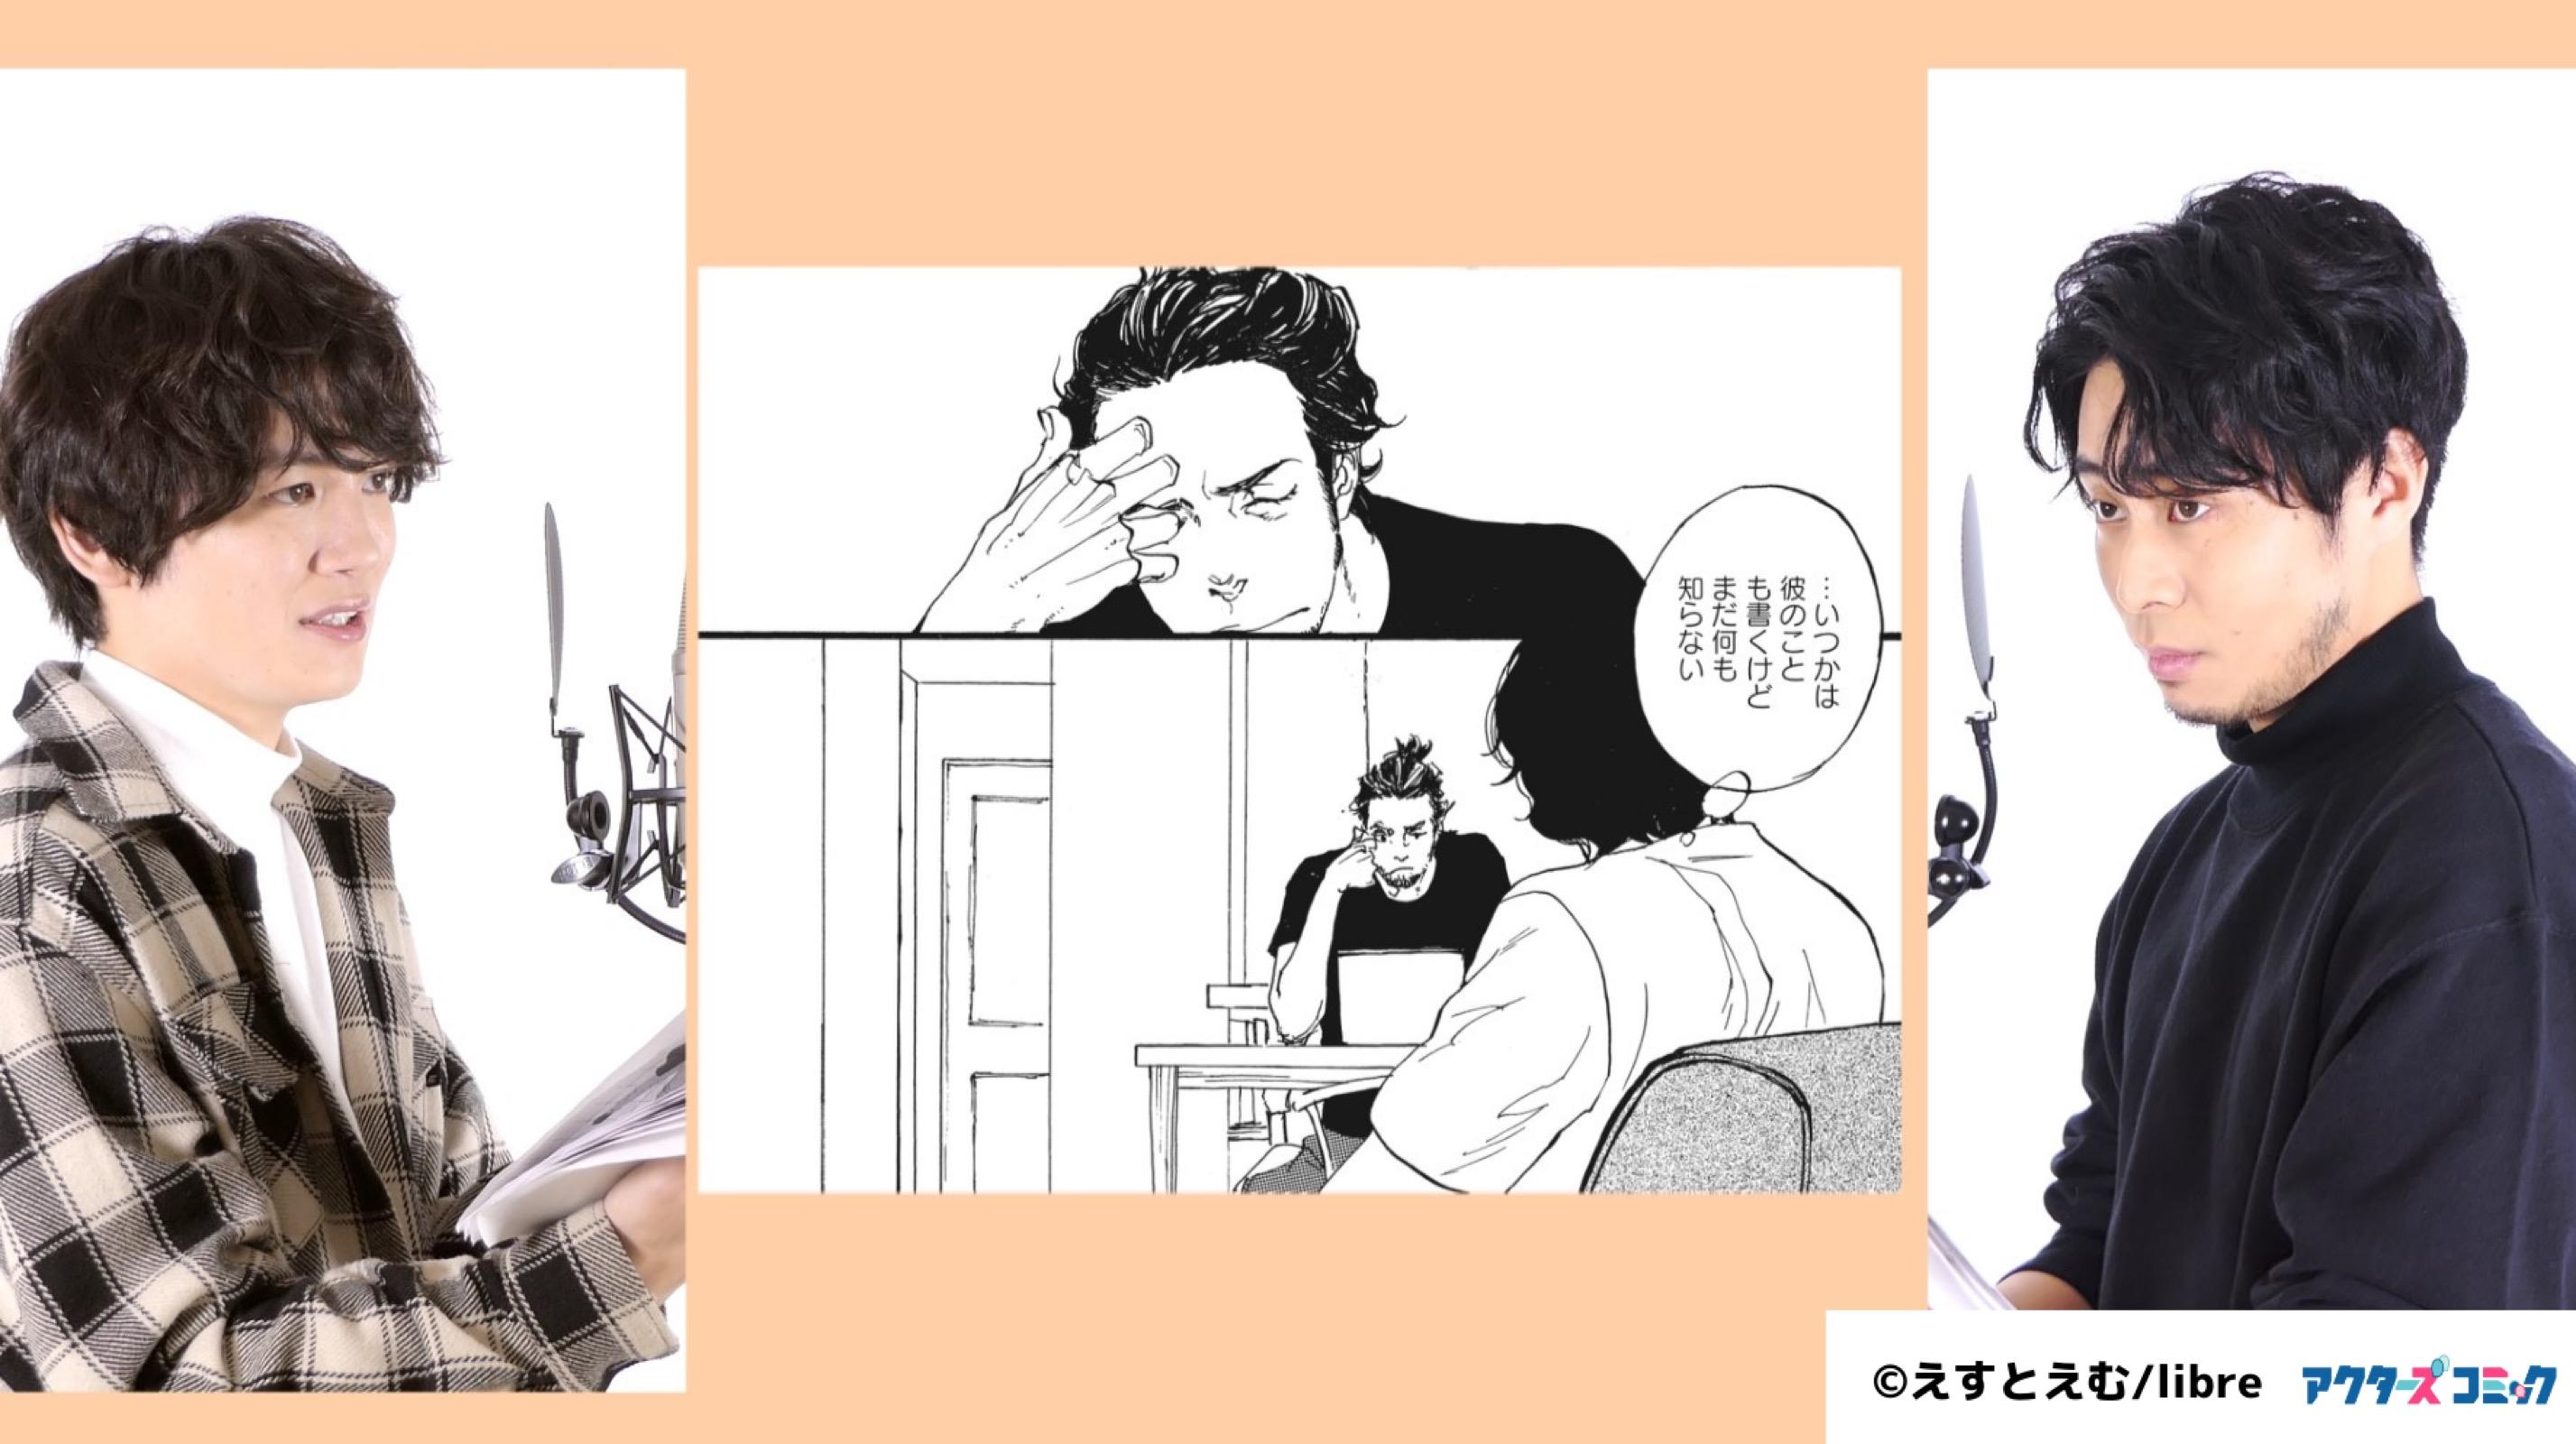 saizenseki_20210130_アクターズコミック参考画像